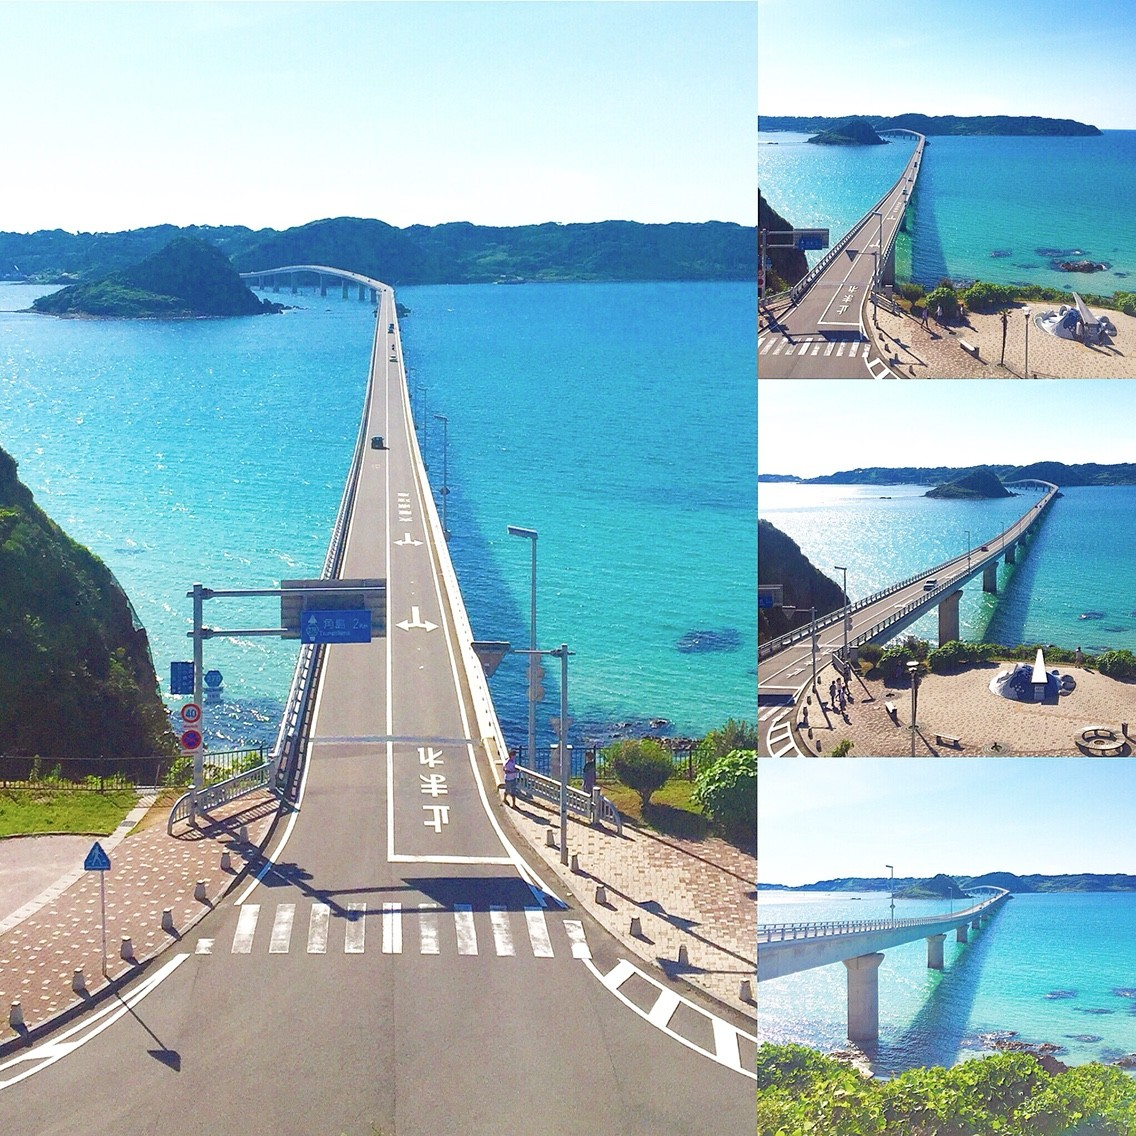 世界の絶景\u201d3位、山口県下関市の「角島大橋」。エメラルドグリーンの海と1780mの大橋。